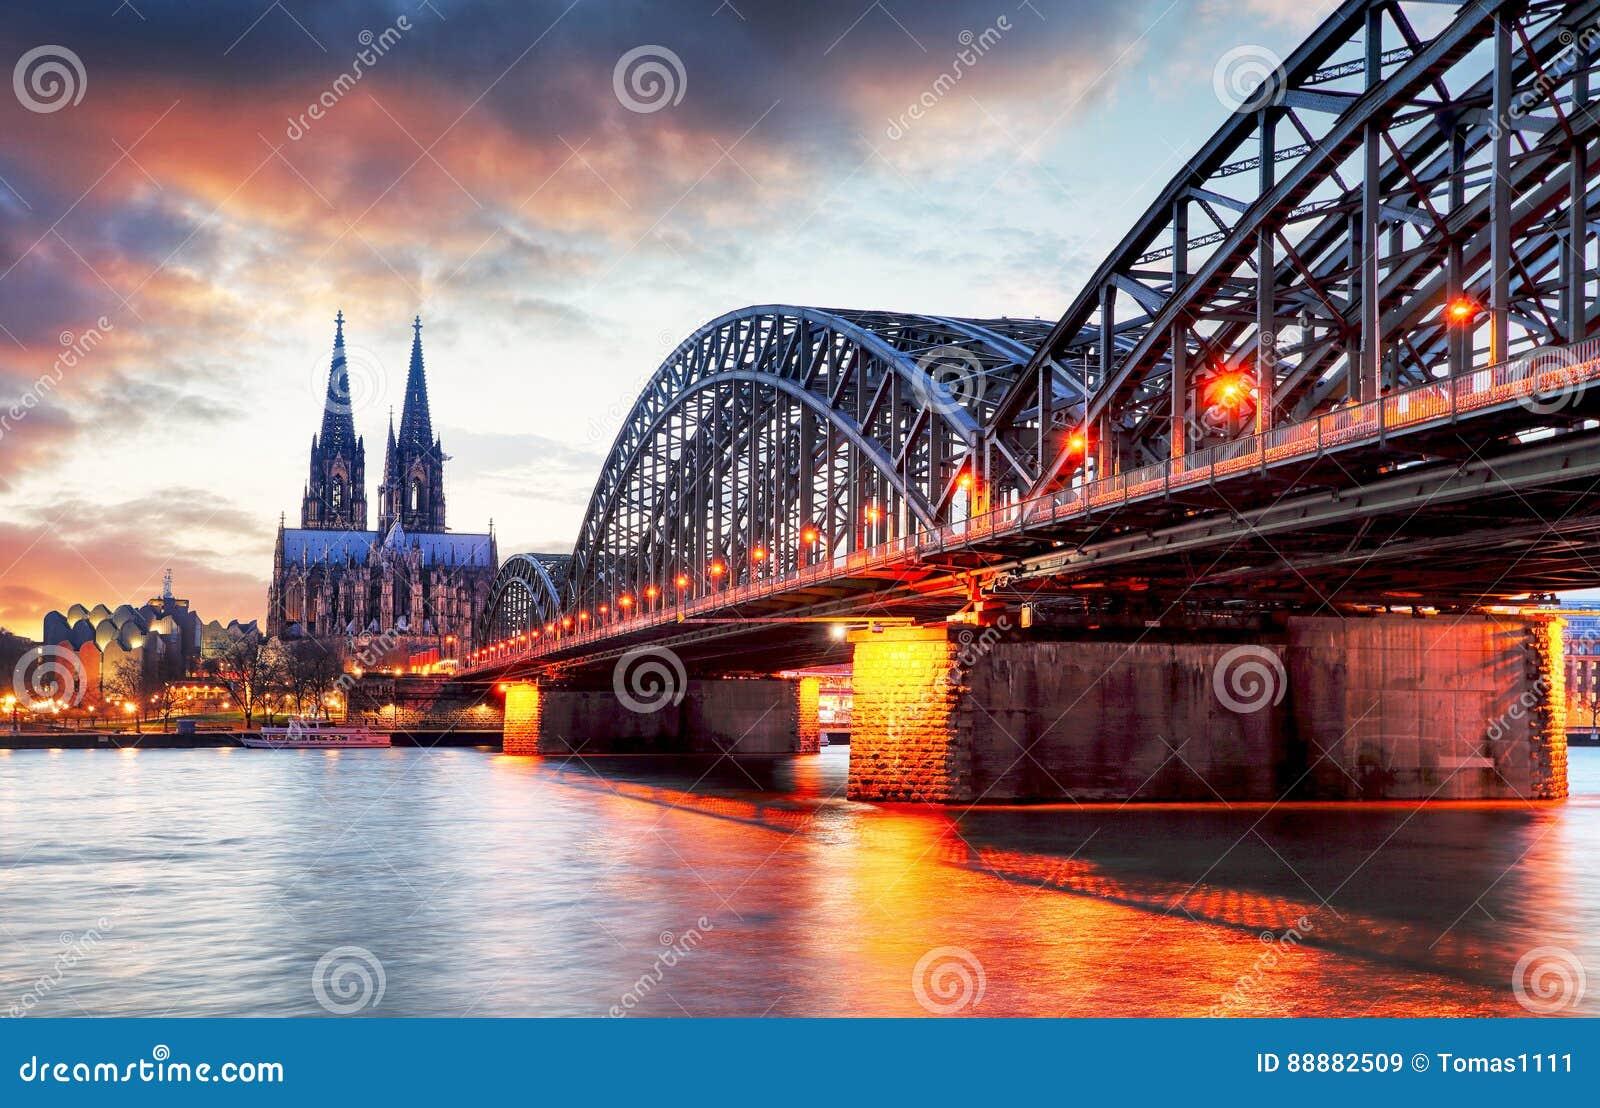 Cathédrale de Cologne et pont de Hohenzollern au coucher du soleil - nuit